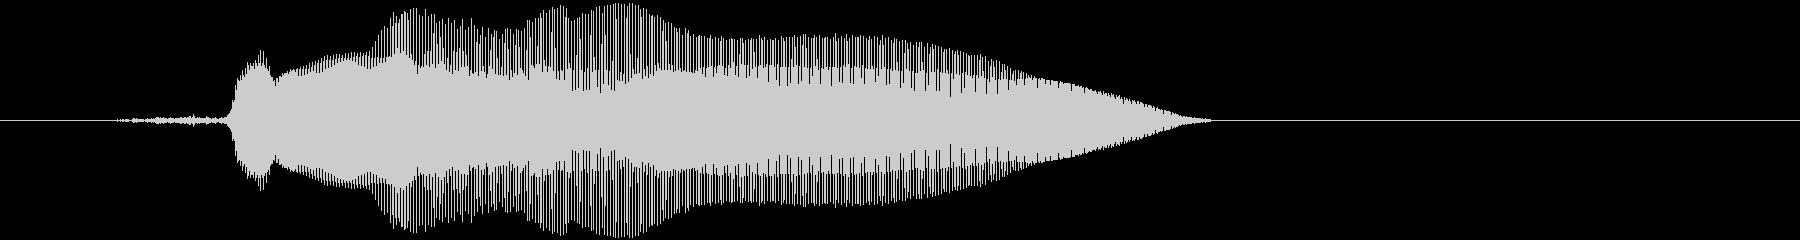 「フニョーン」の未再生の波形